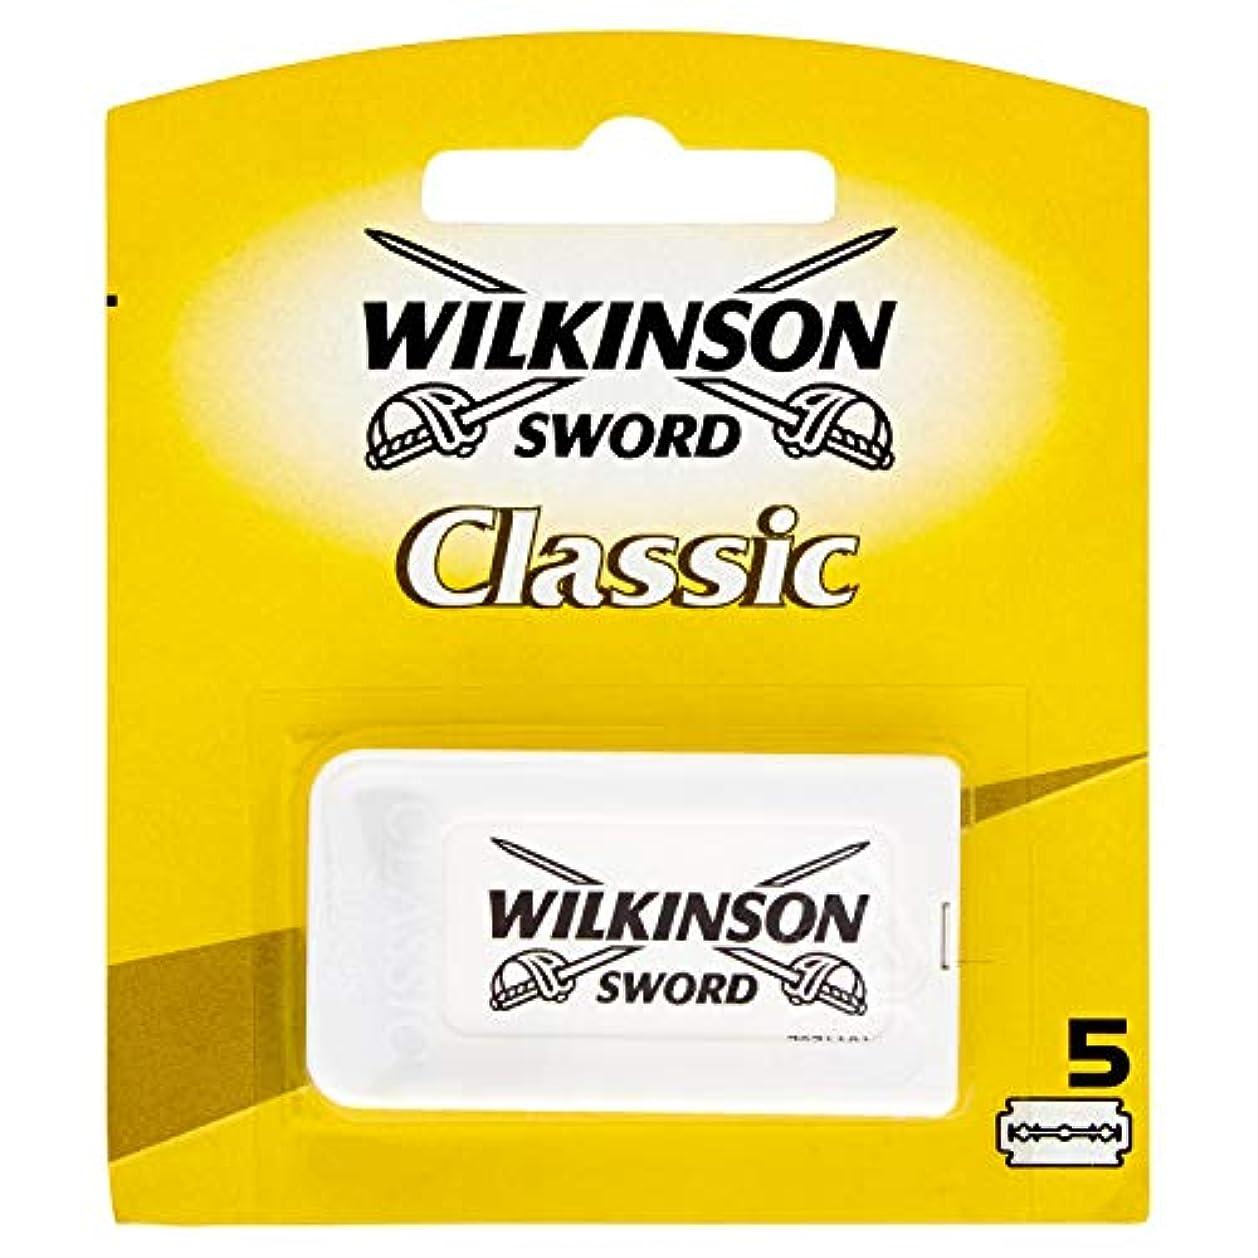 東方無礼に目指すWilkinson Sword(ウィルキンソンソード) Classic 両刃替刃 5個入り [並行輸入品]